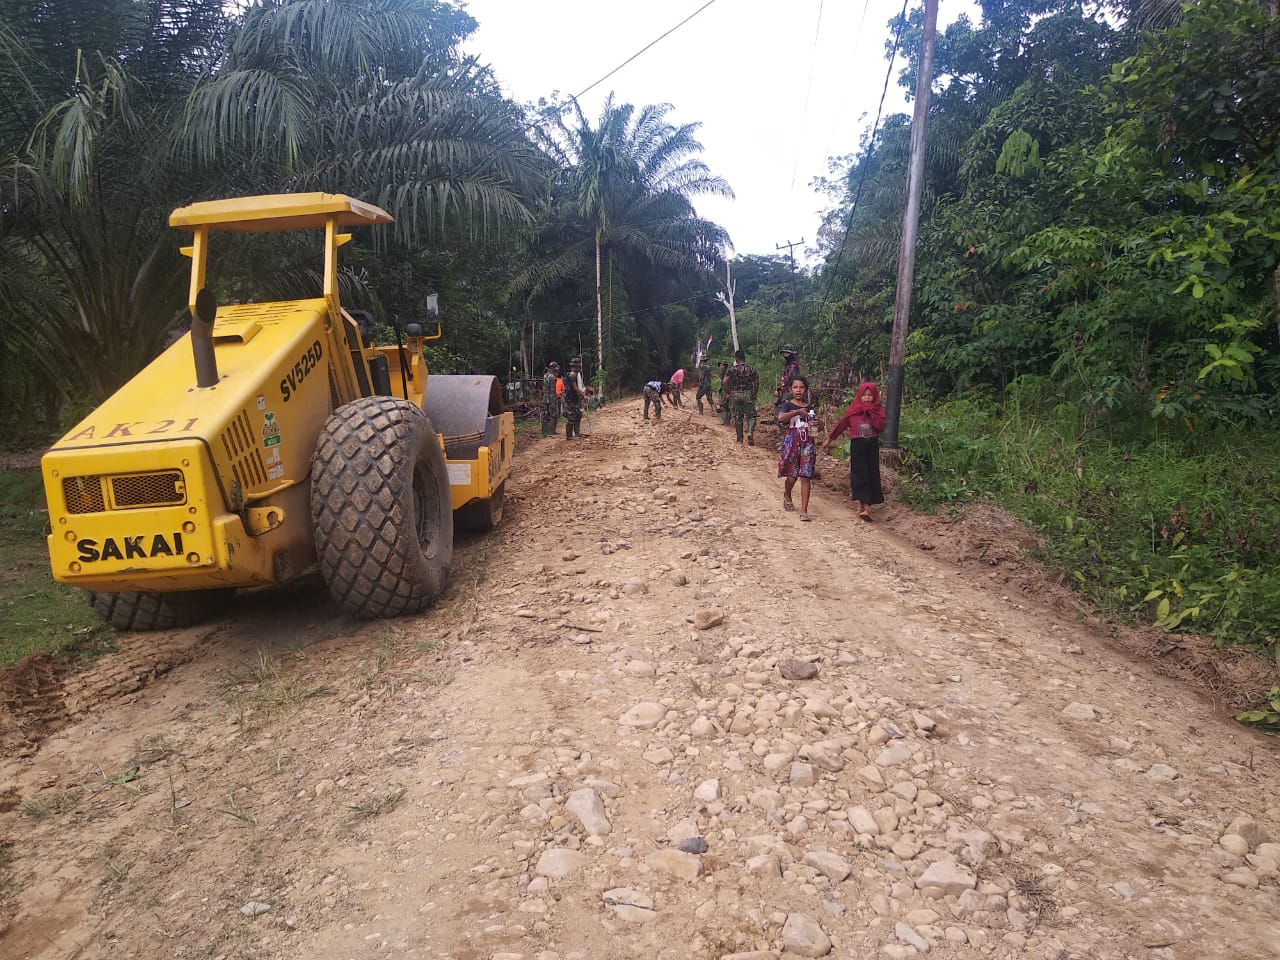 Kejar Target Satgas Tmmd Dan Warga Kebut Perataan Jalan Dengan Alber Vibro Suarakalbar Co Id Referensi Masyarakat Kalimantan Barat